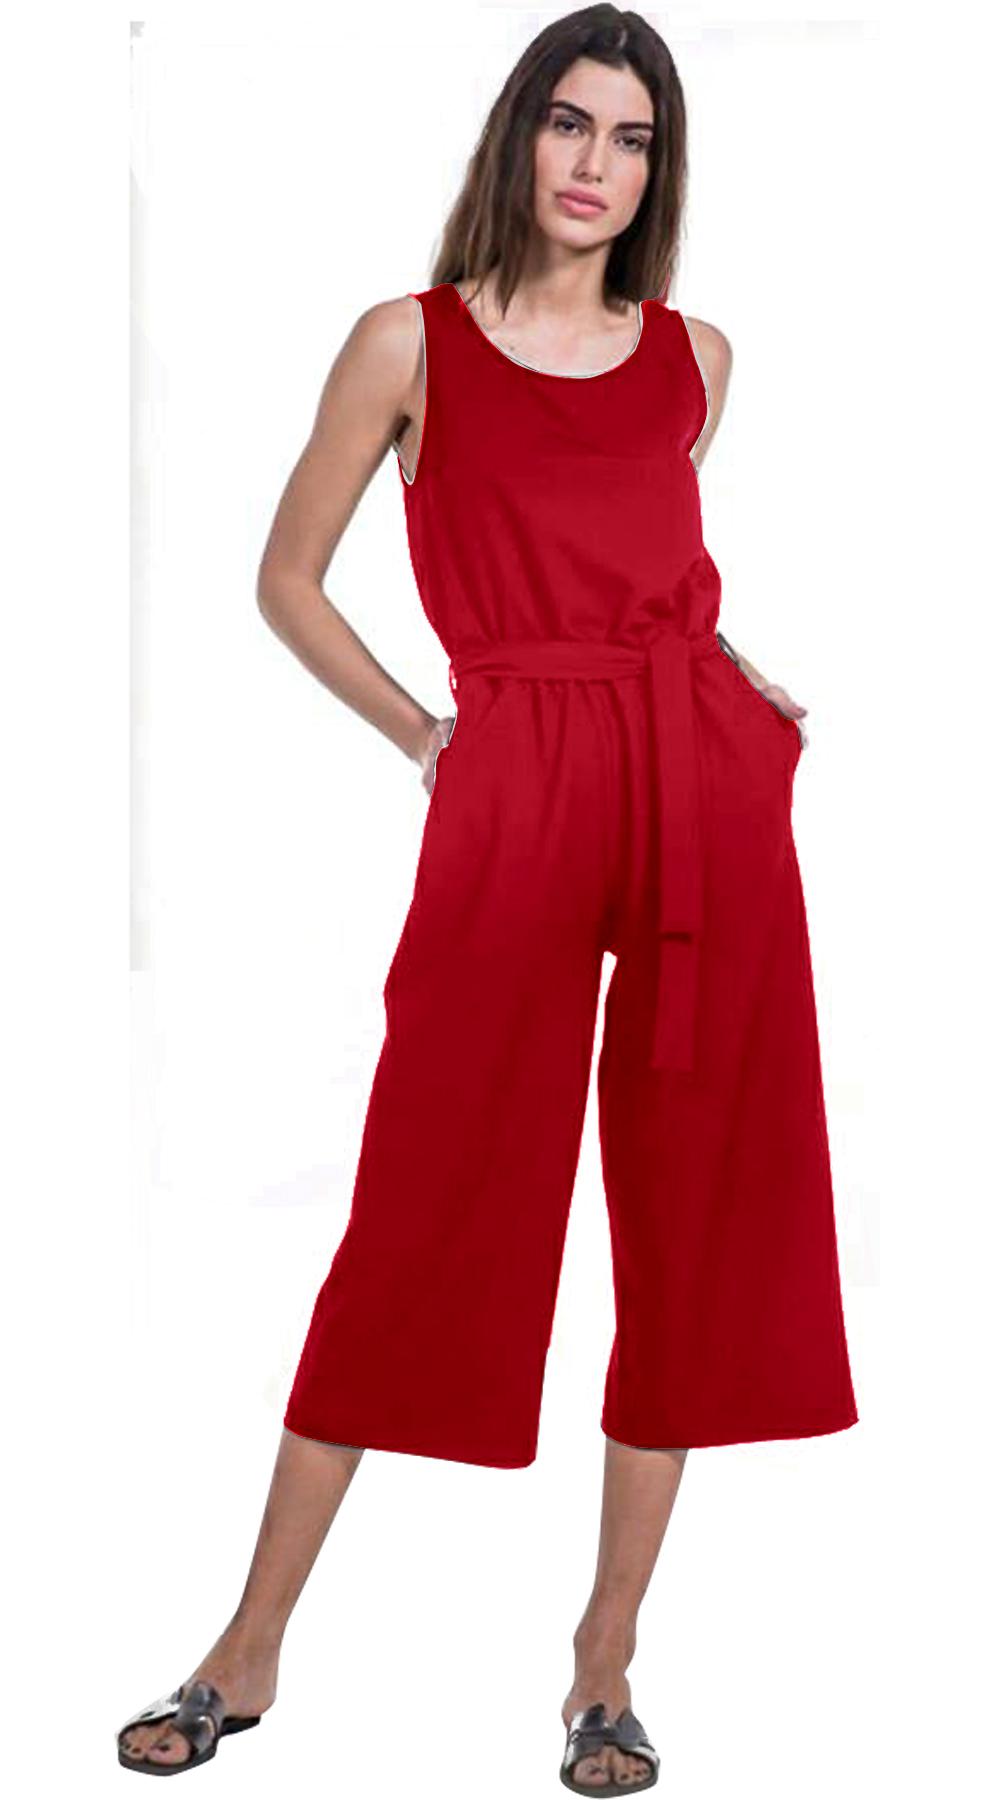 Γυναικεία ολόσωμη φόρμα με ζιπ κιλότ τελείωμα - OEM - SP18NA-23003 top trends casual chic